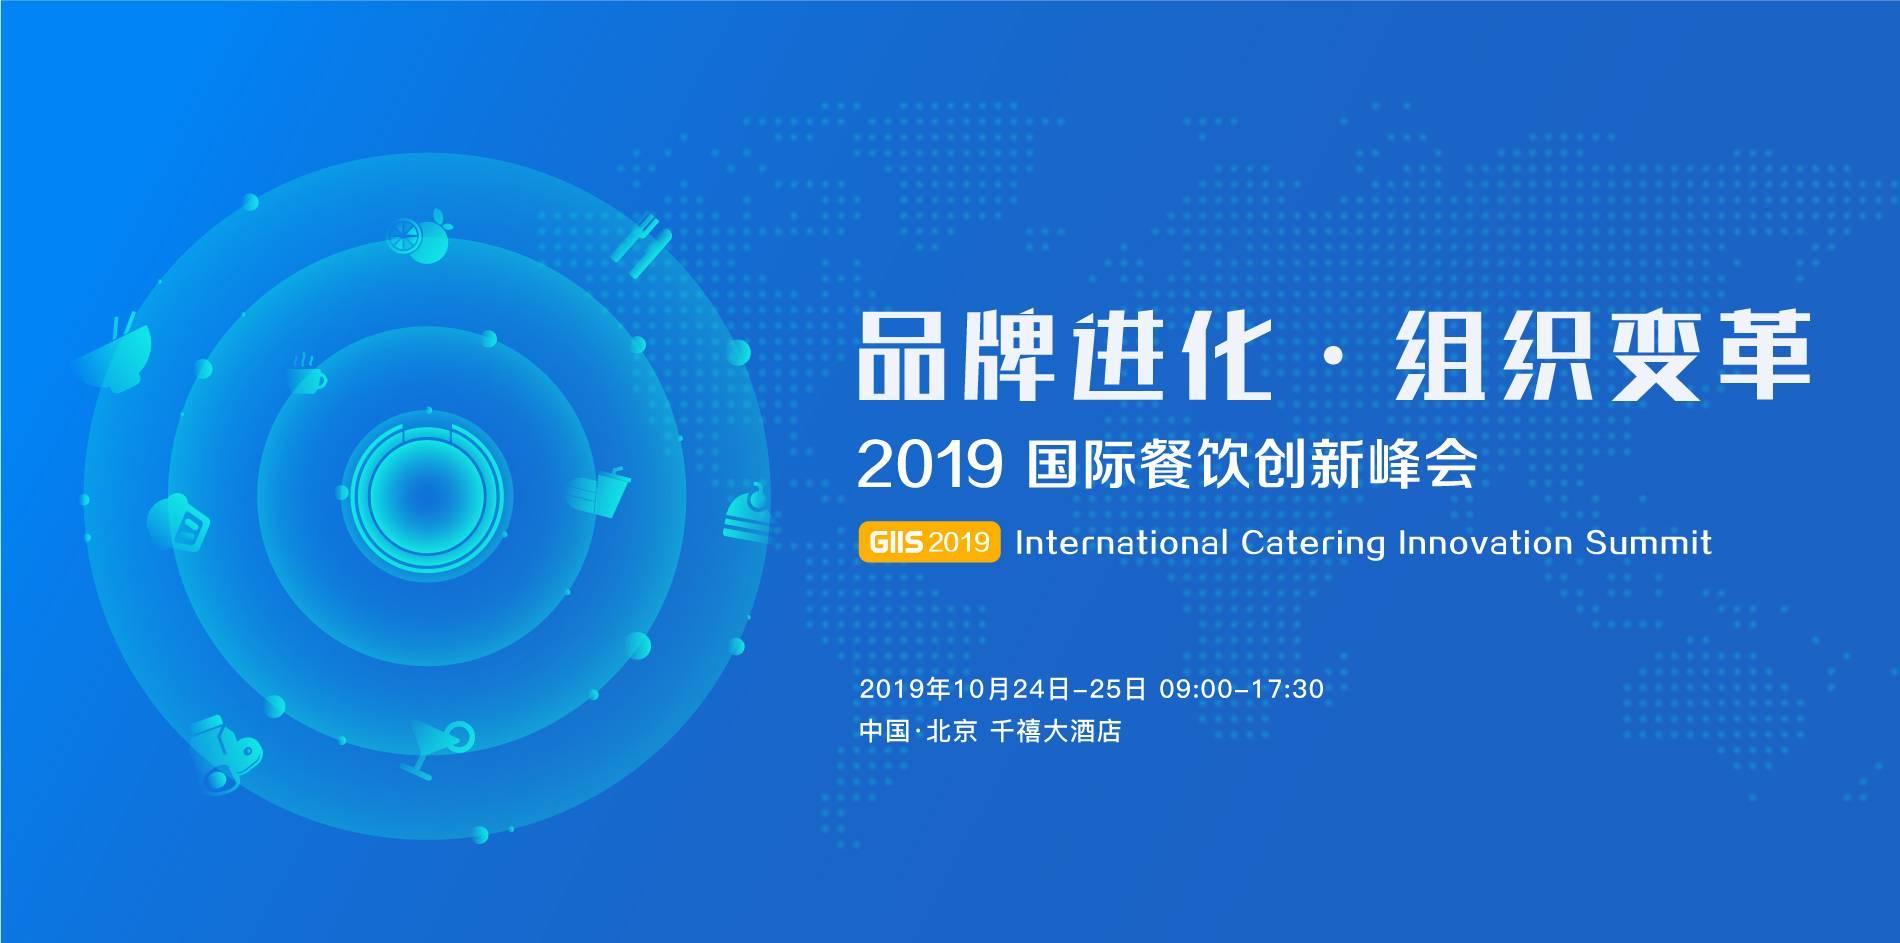 【活動】品牌進化·組織變革 GIIS·2019國際餐飲創新峰會-億歐